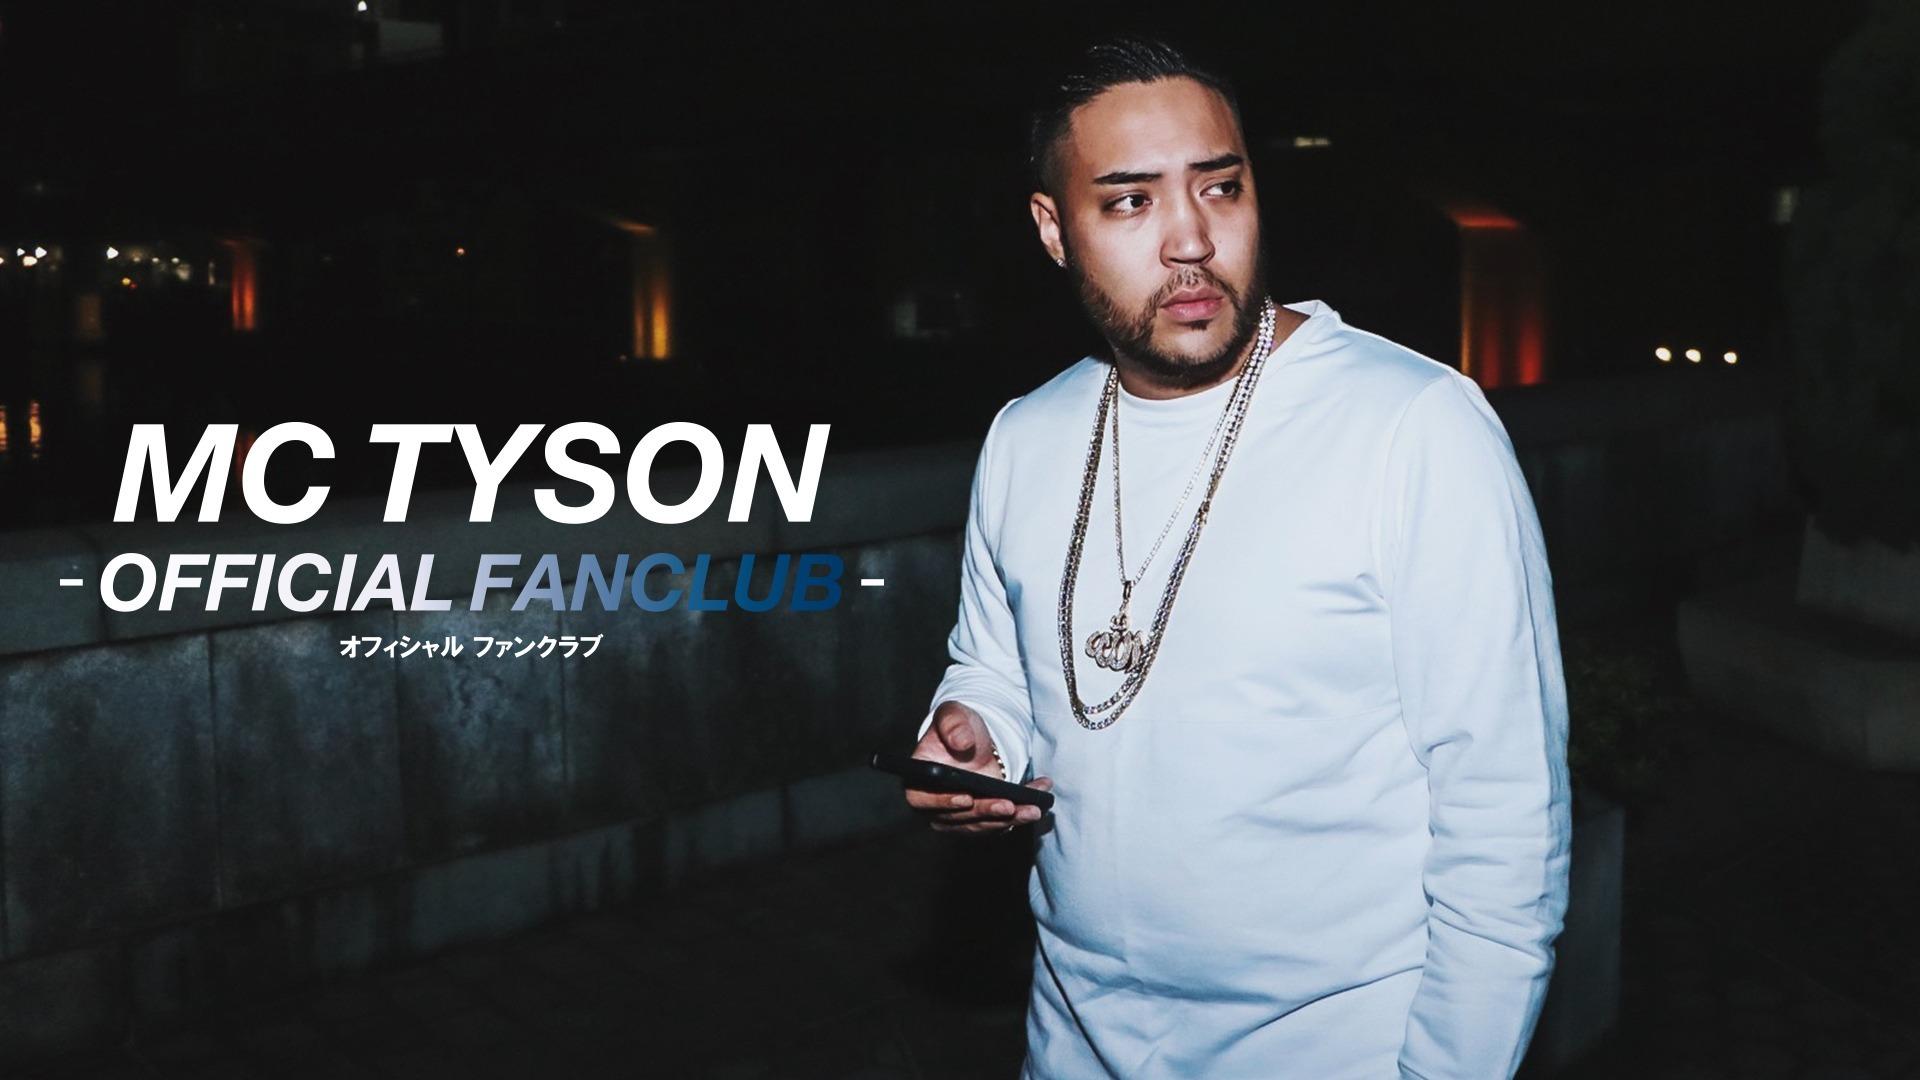 MC TYSON 公式ファンクラブ